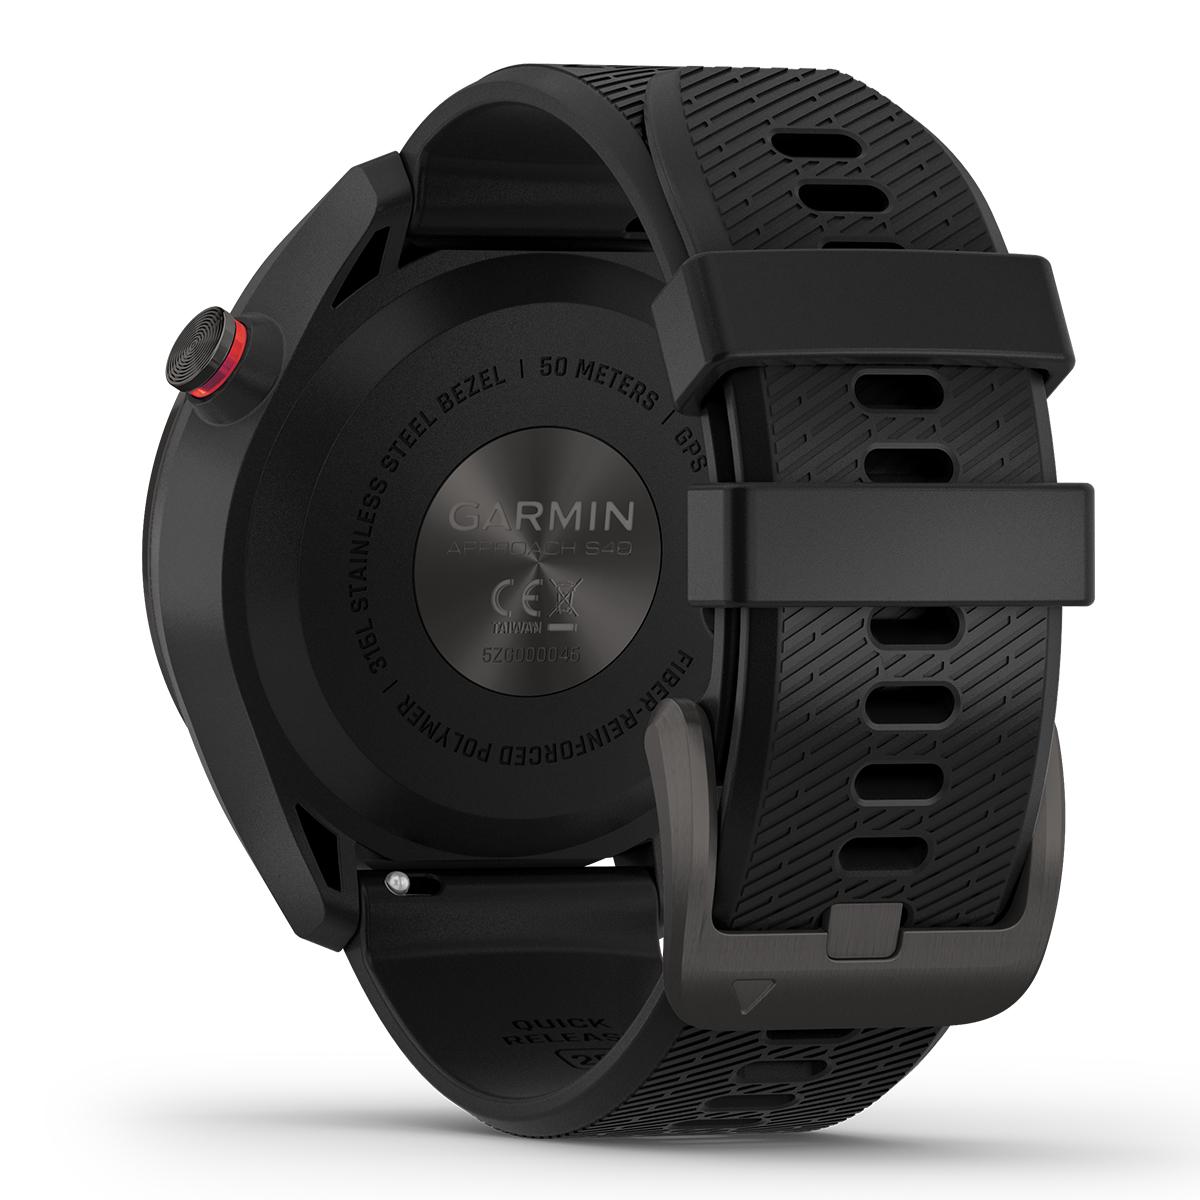 ガーミン GARMIN スマートウォッチ Approach S42 Black/Carbon Gray アプローチ S42 ブラック/カーボングレー ゴルフ GPS ウェアラブル 腕時計 010-02572-20